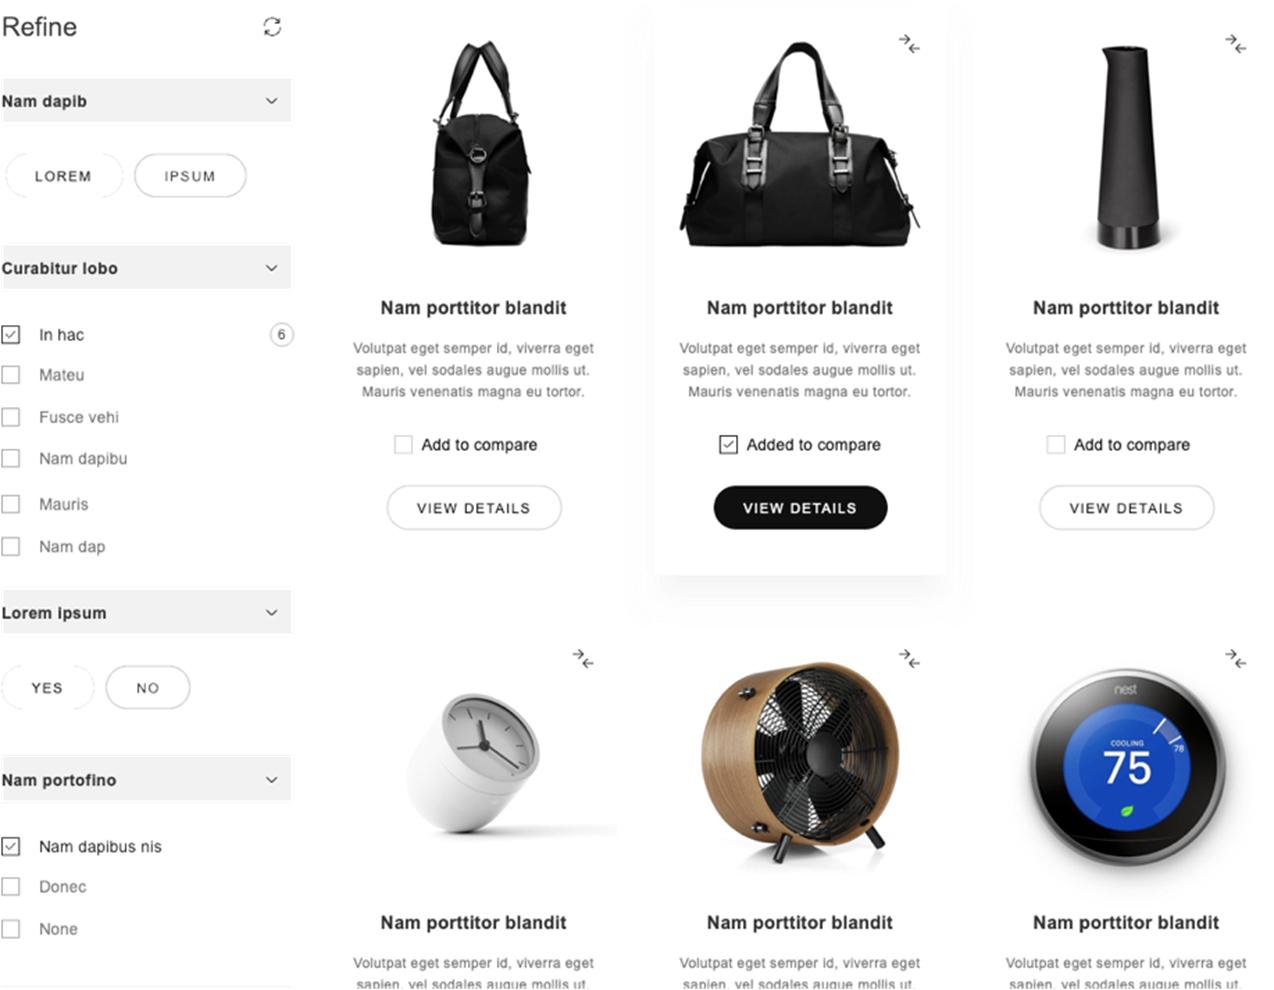 Design Templates - Website Mockup